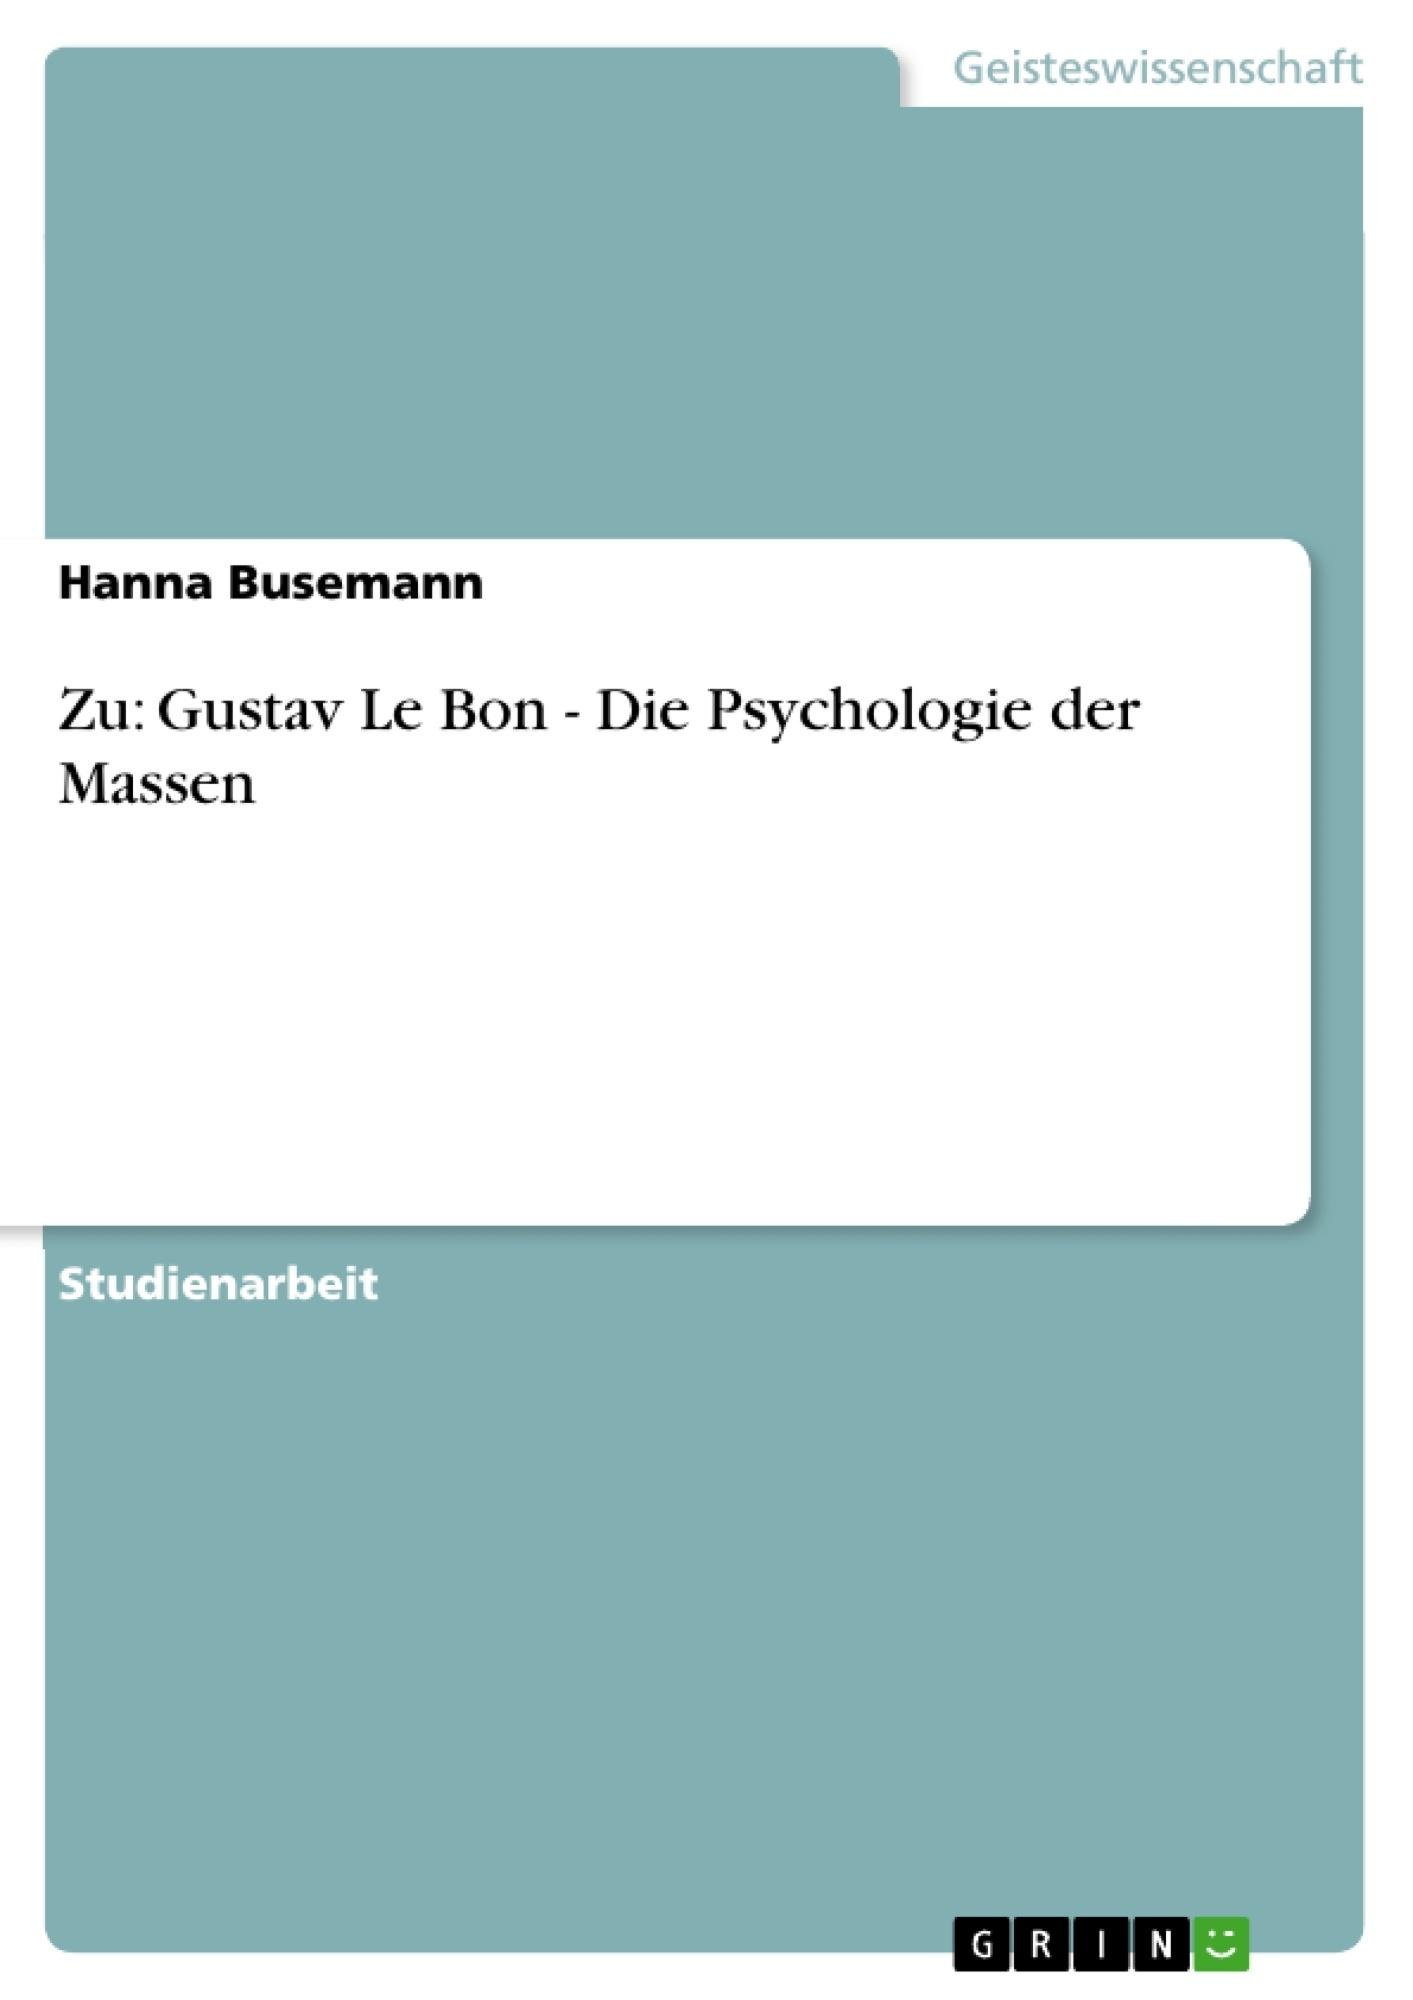 Titel: Zu: Gustav Le Bon - Die Psychologie der Massen